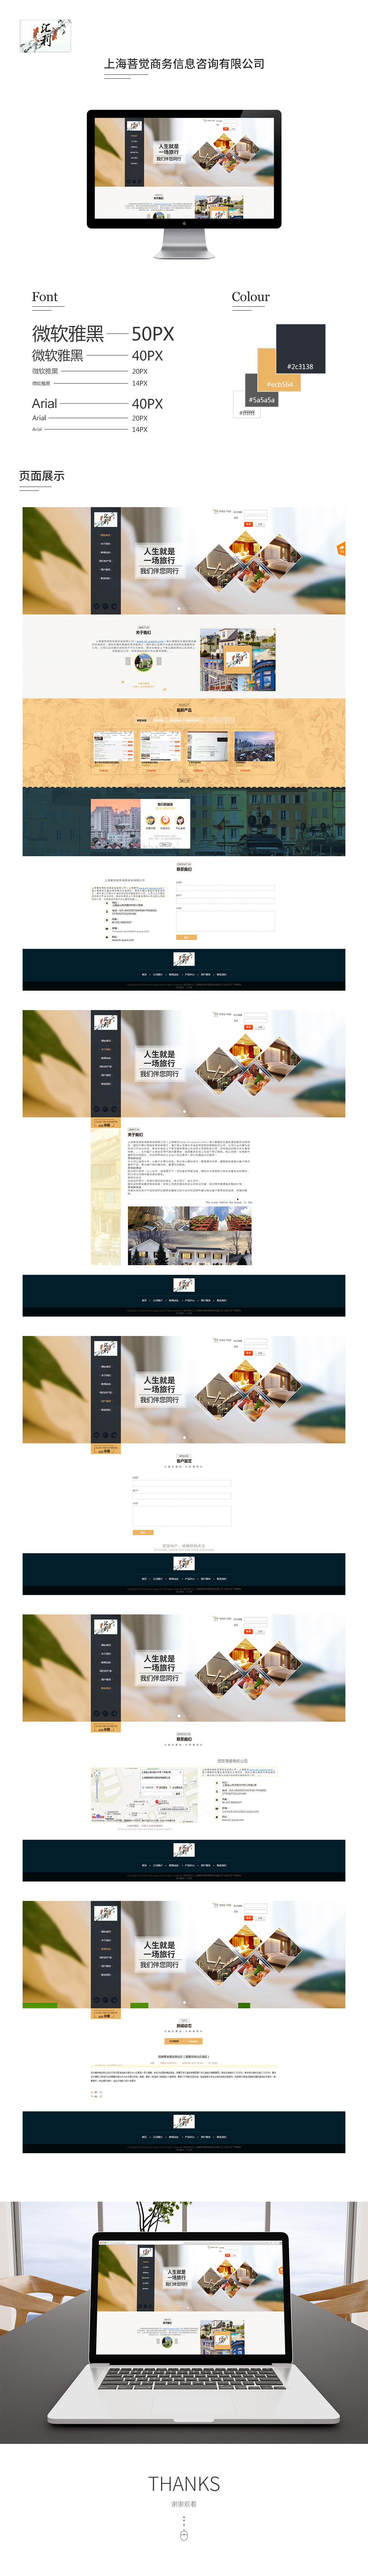 公司案例展示2018-13上海菩覺商務信息咨詢公司